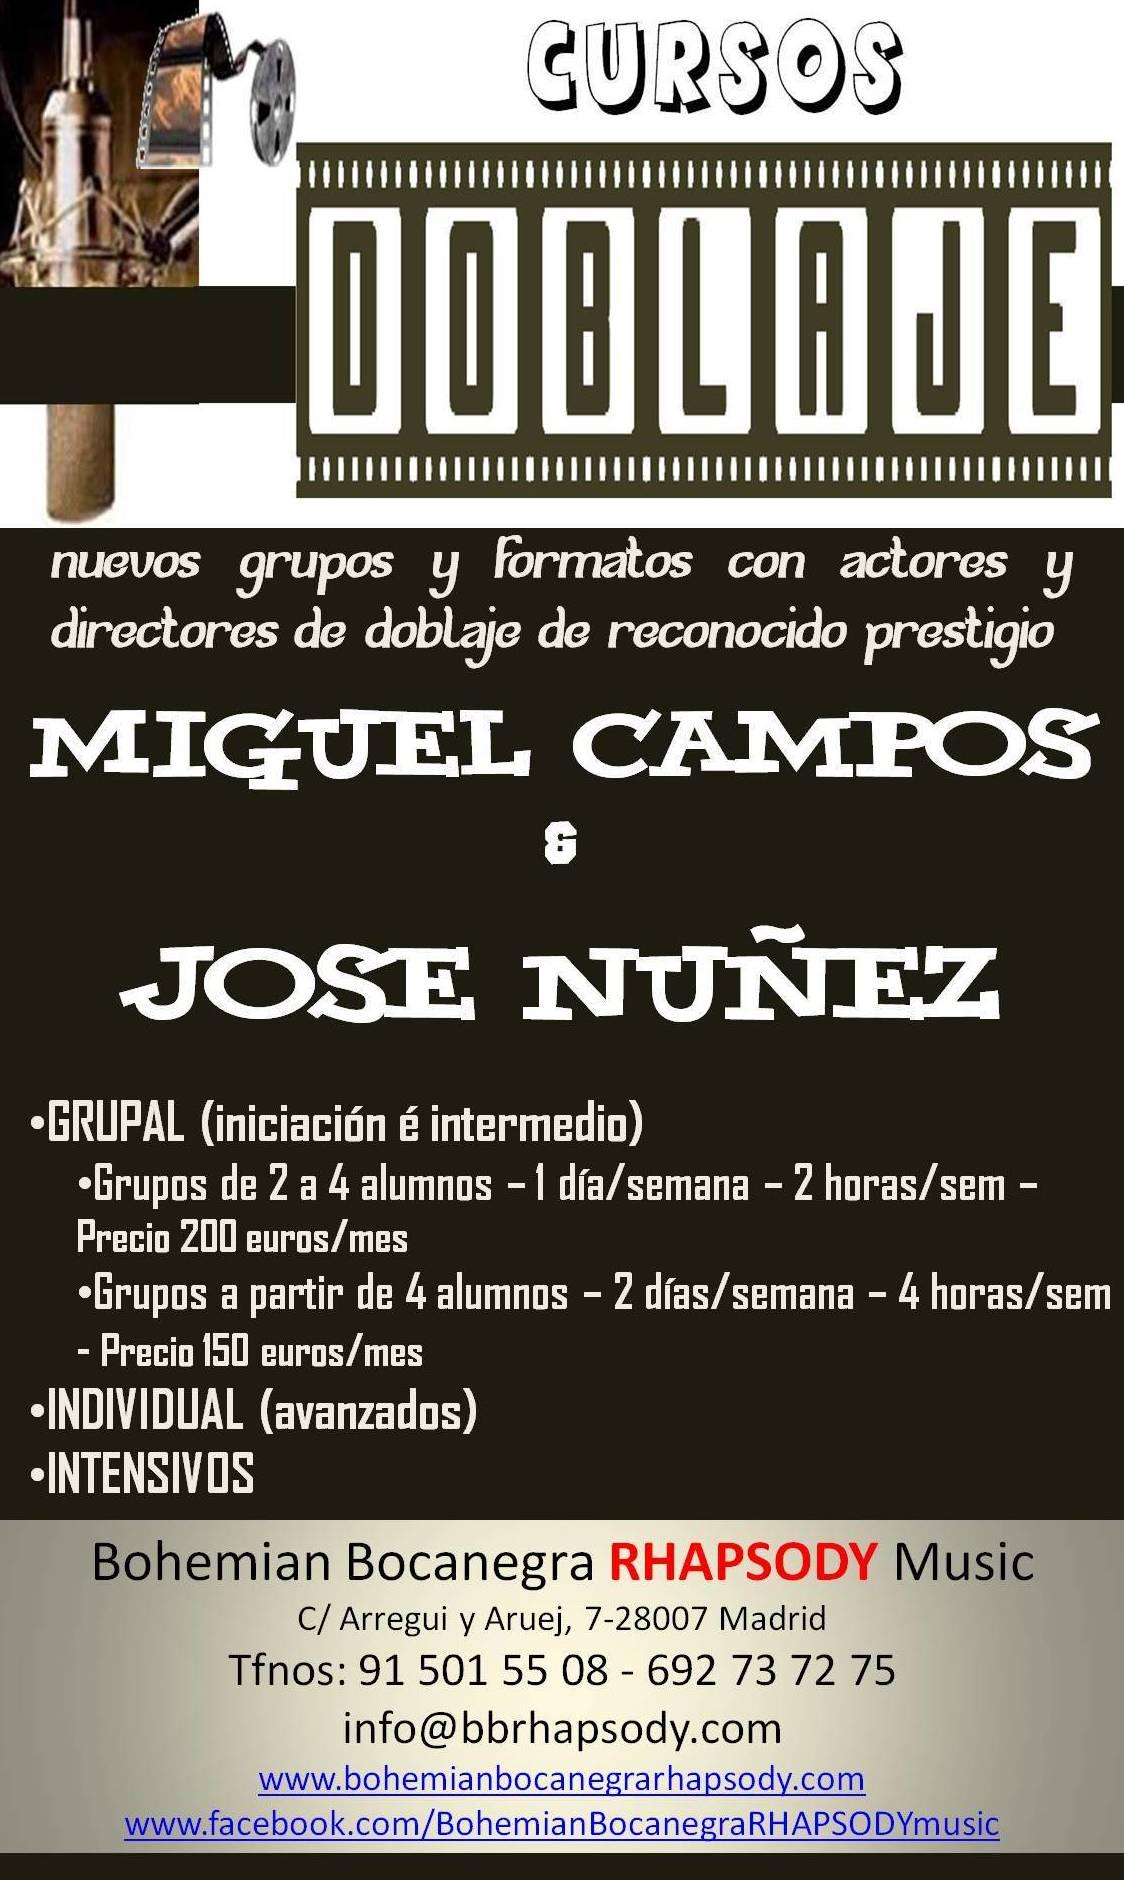 CURSOS DE  DOBLAJE con MIGUEL CAMPOS y JOSÉ NUÑEZ \u002D PROFESORES de RECONOCIDO PRESTIGIO como actores y directores de Doblaje.